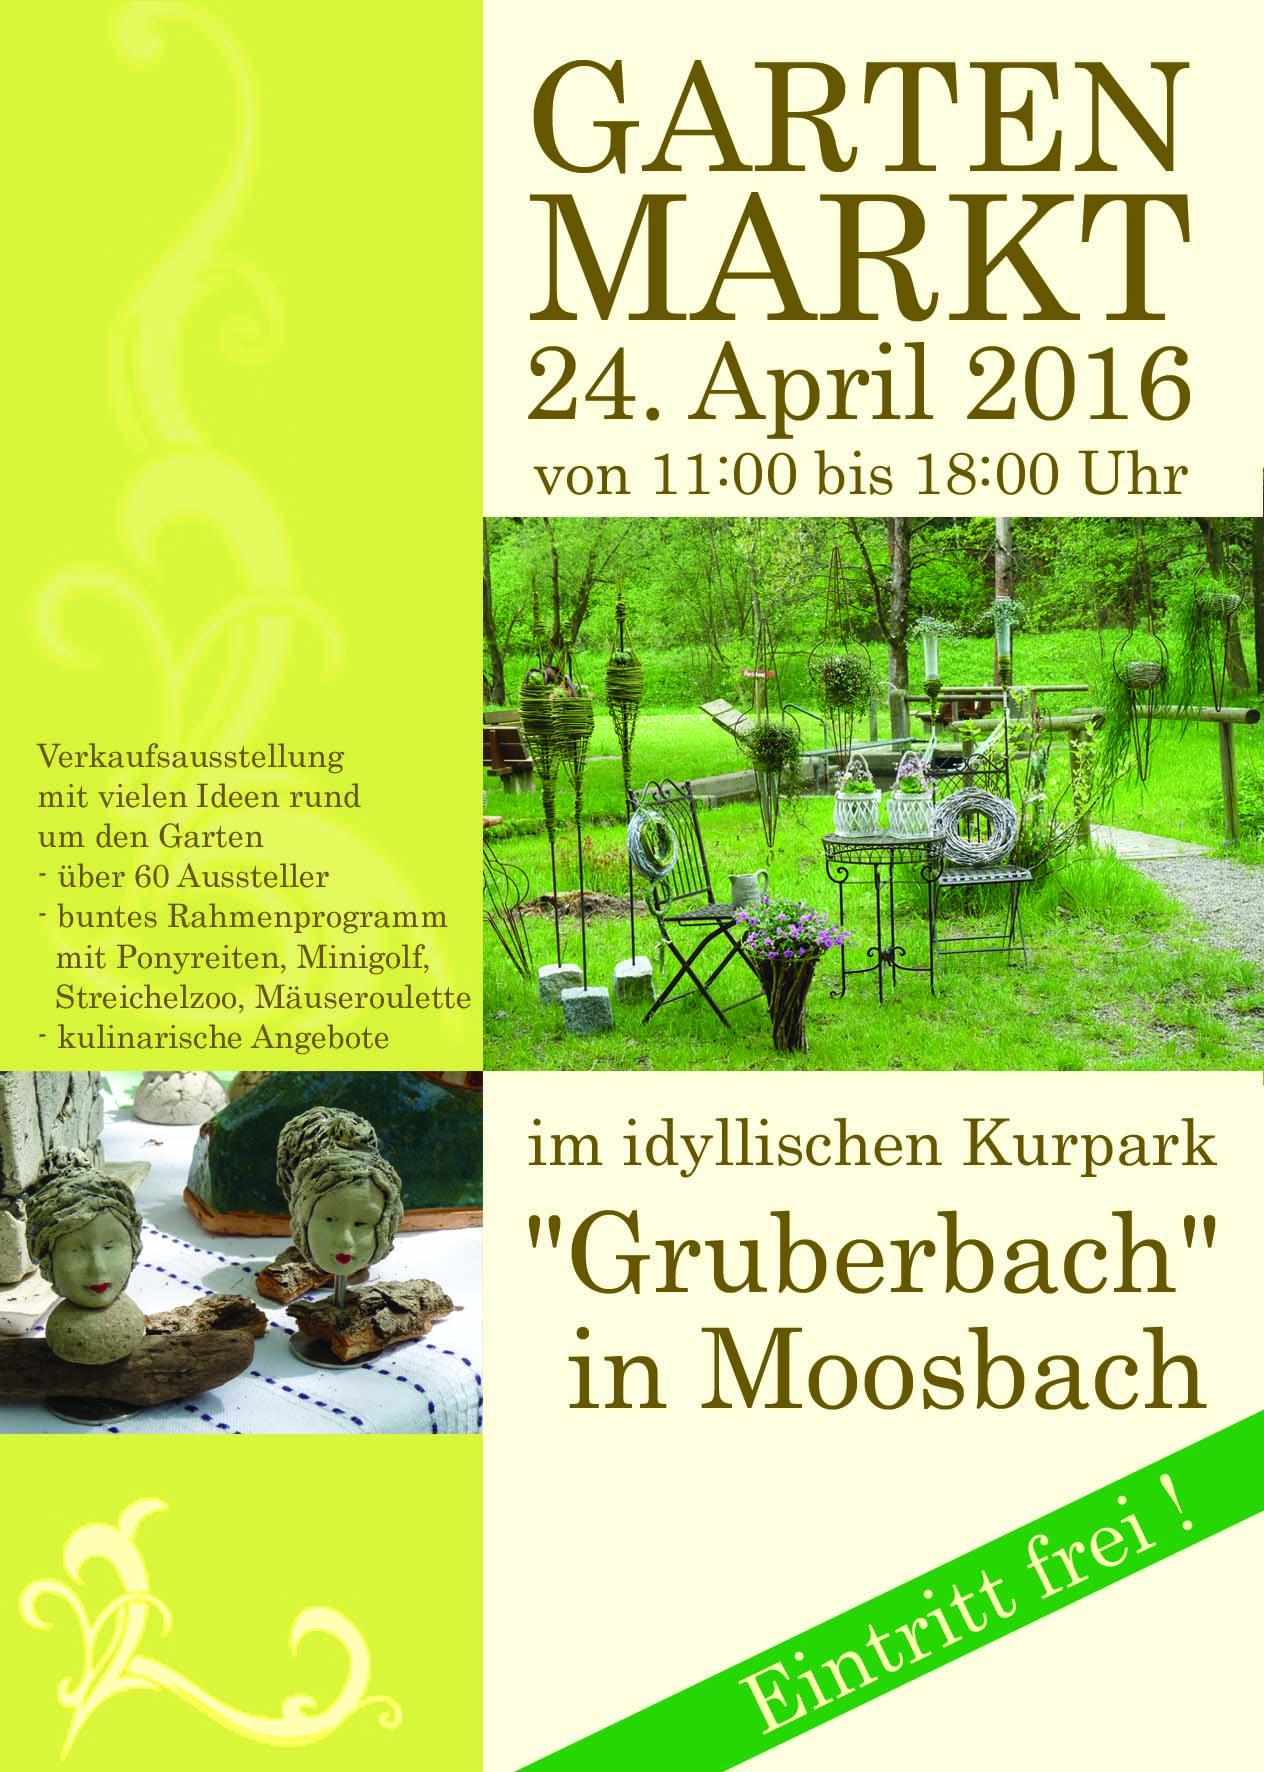 Gartenmarkt Moosbach